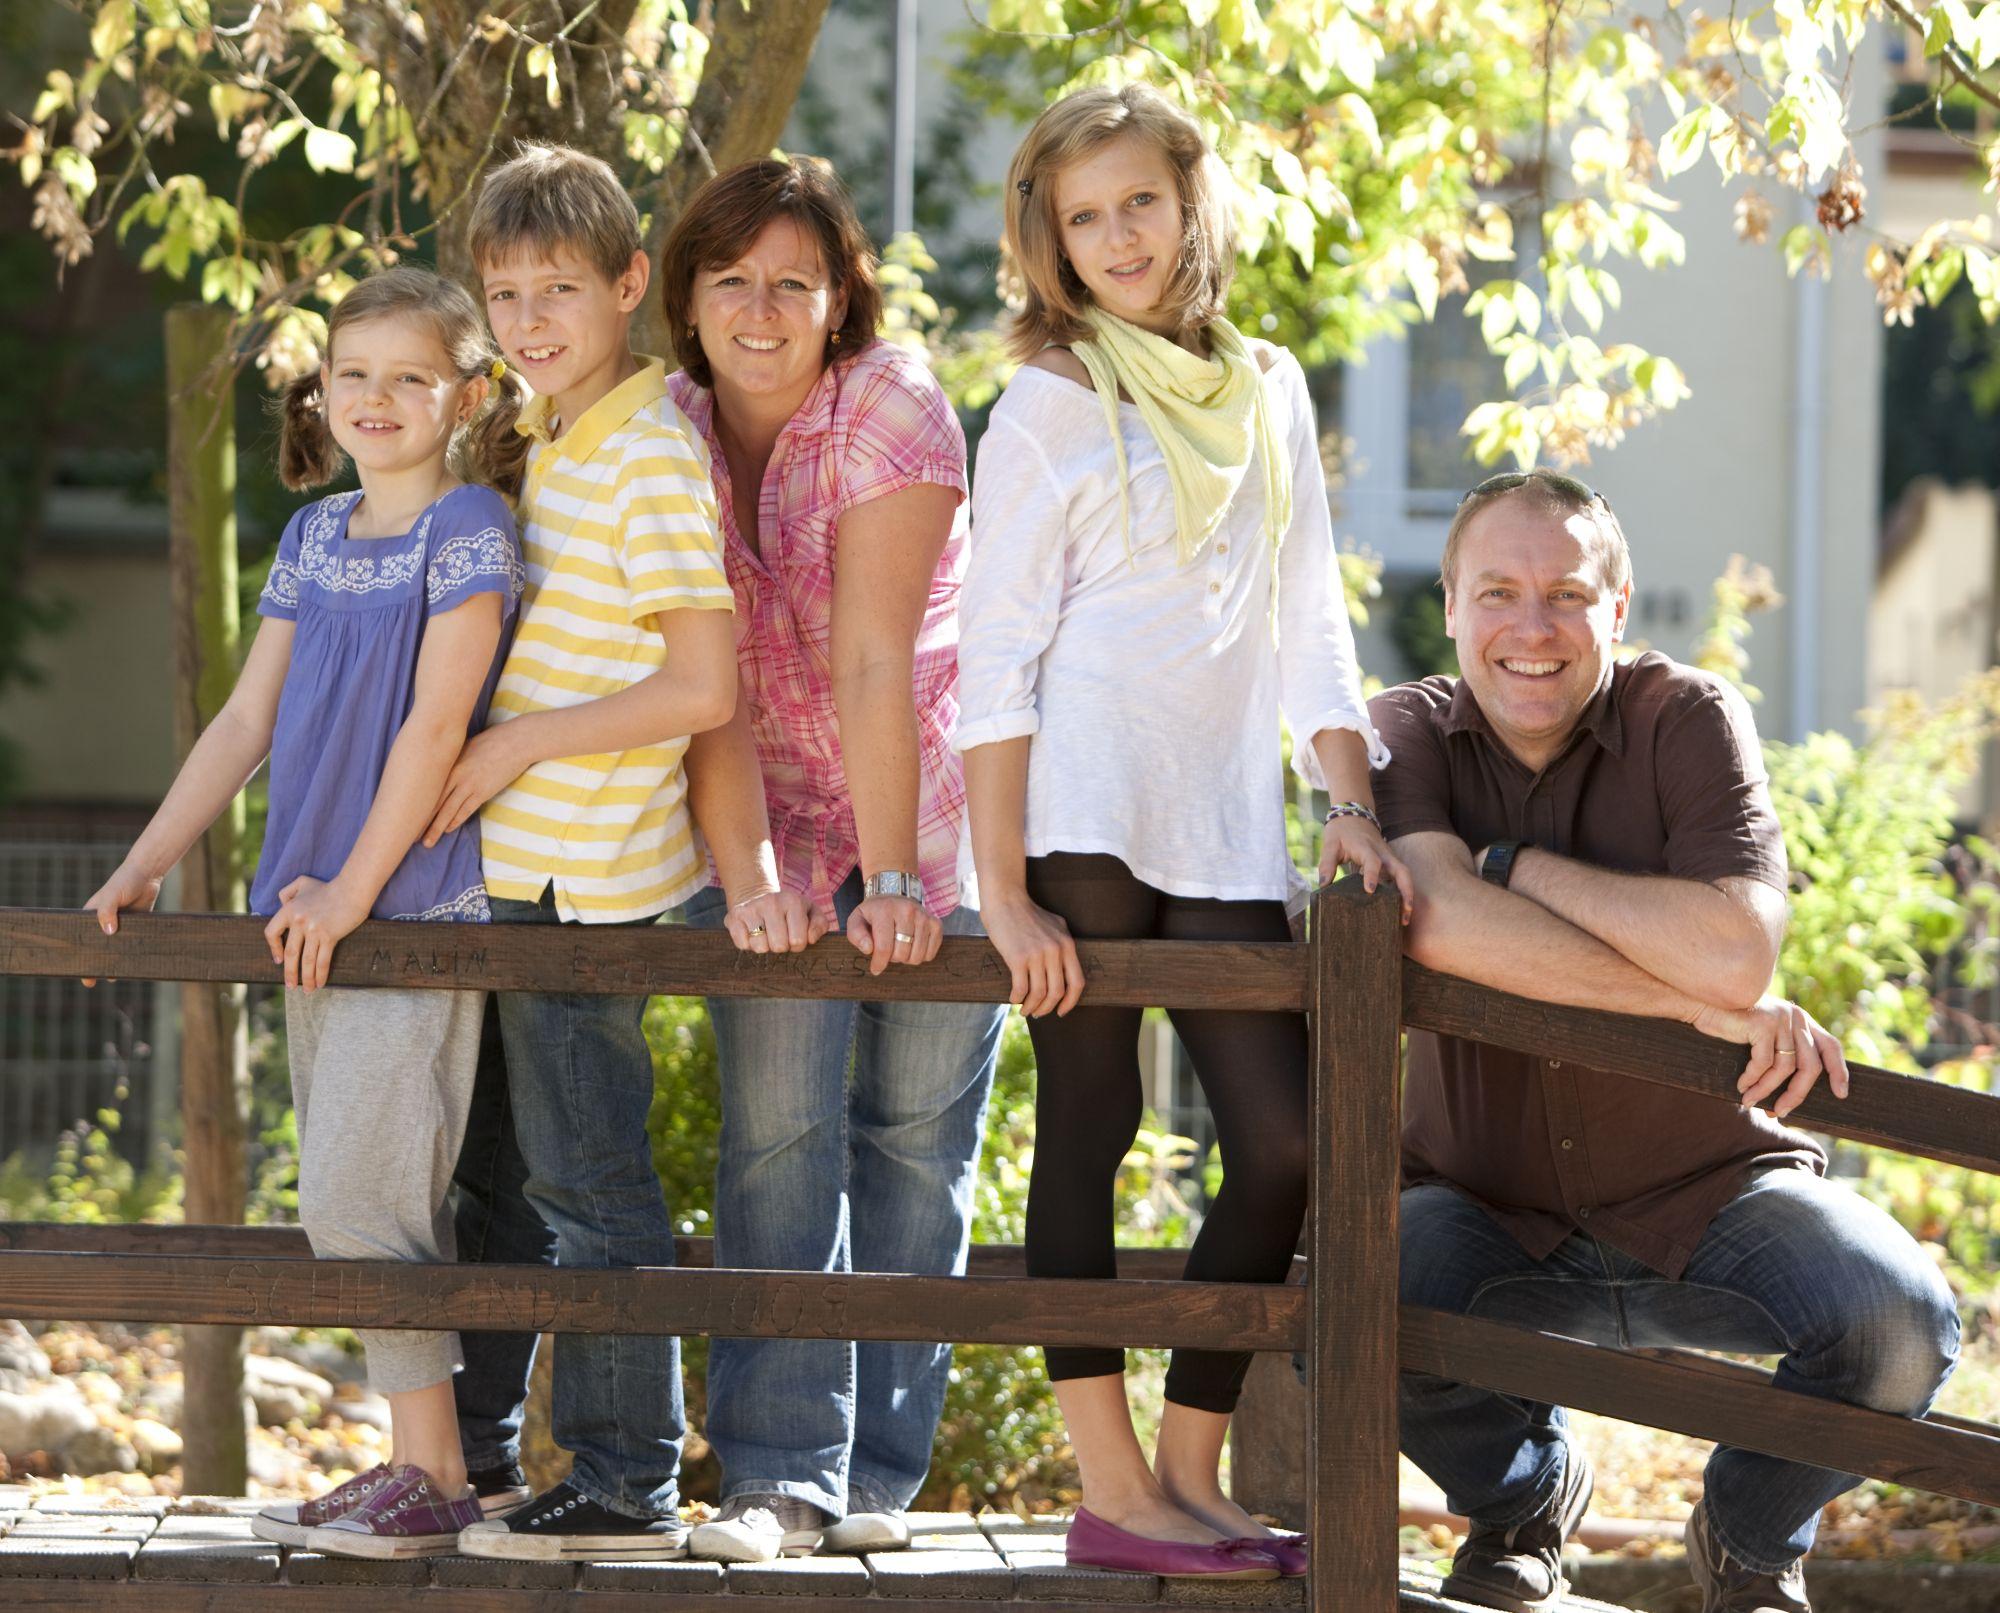 Familie (c) Bistum Mainz